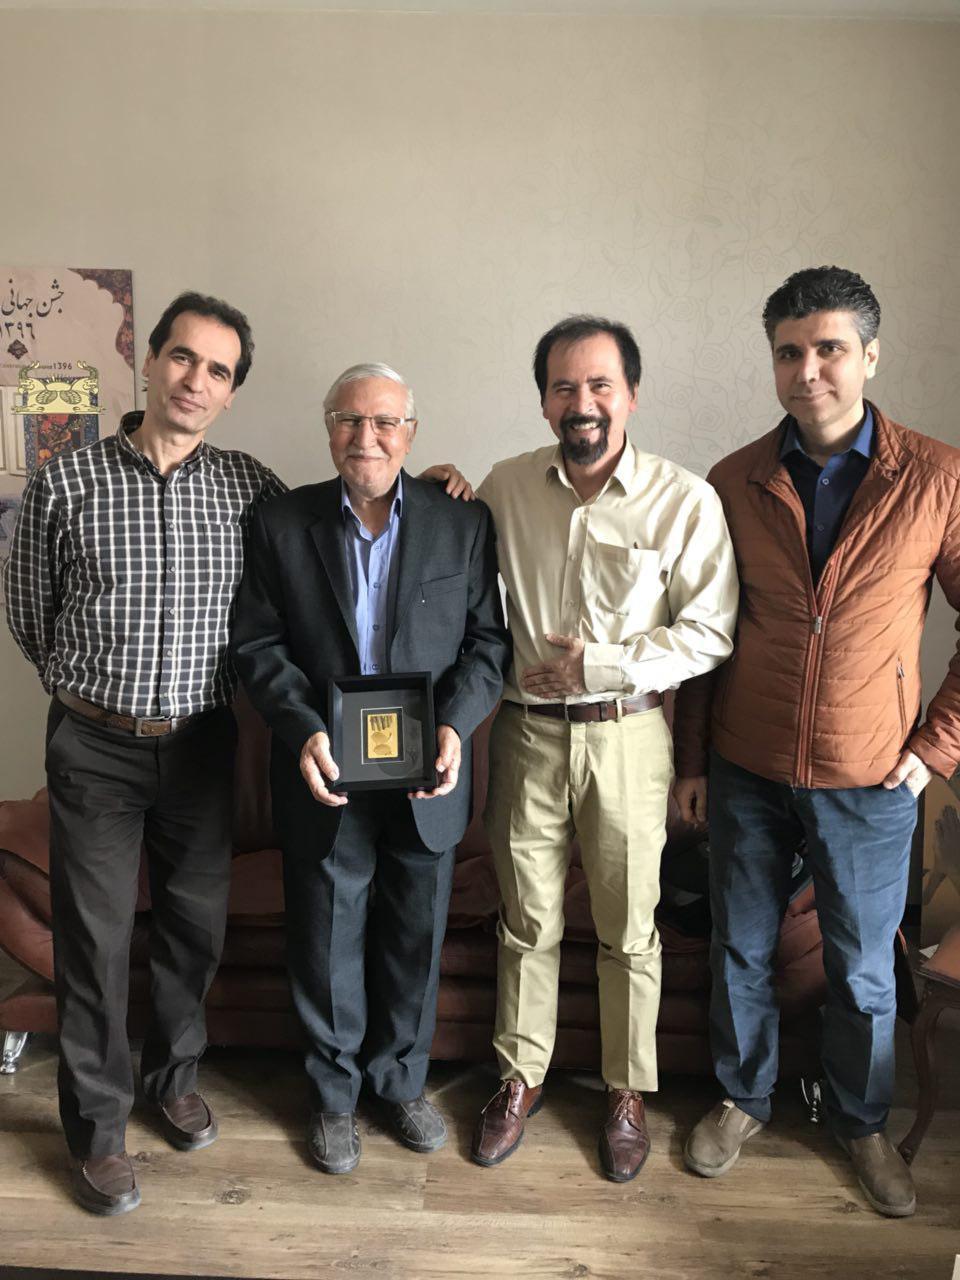 جوایز برندگان مسابقه پیش بینی پنجمین تمبر فاخر طلا و نقره گاندی